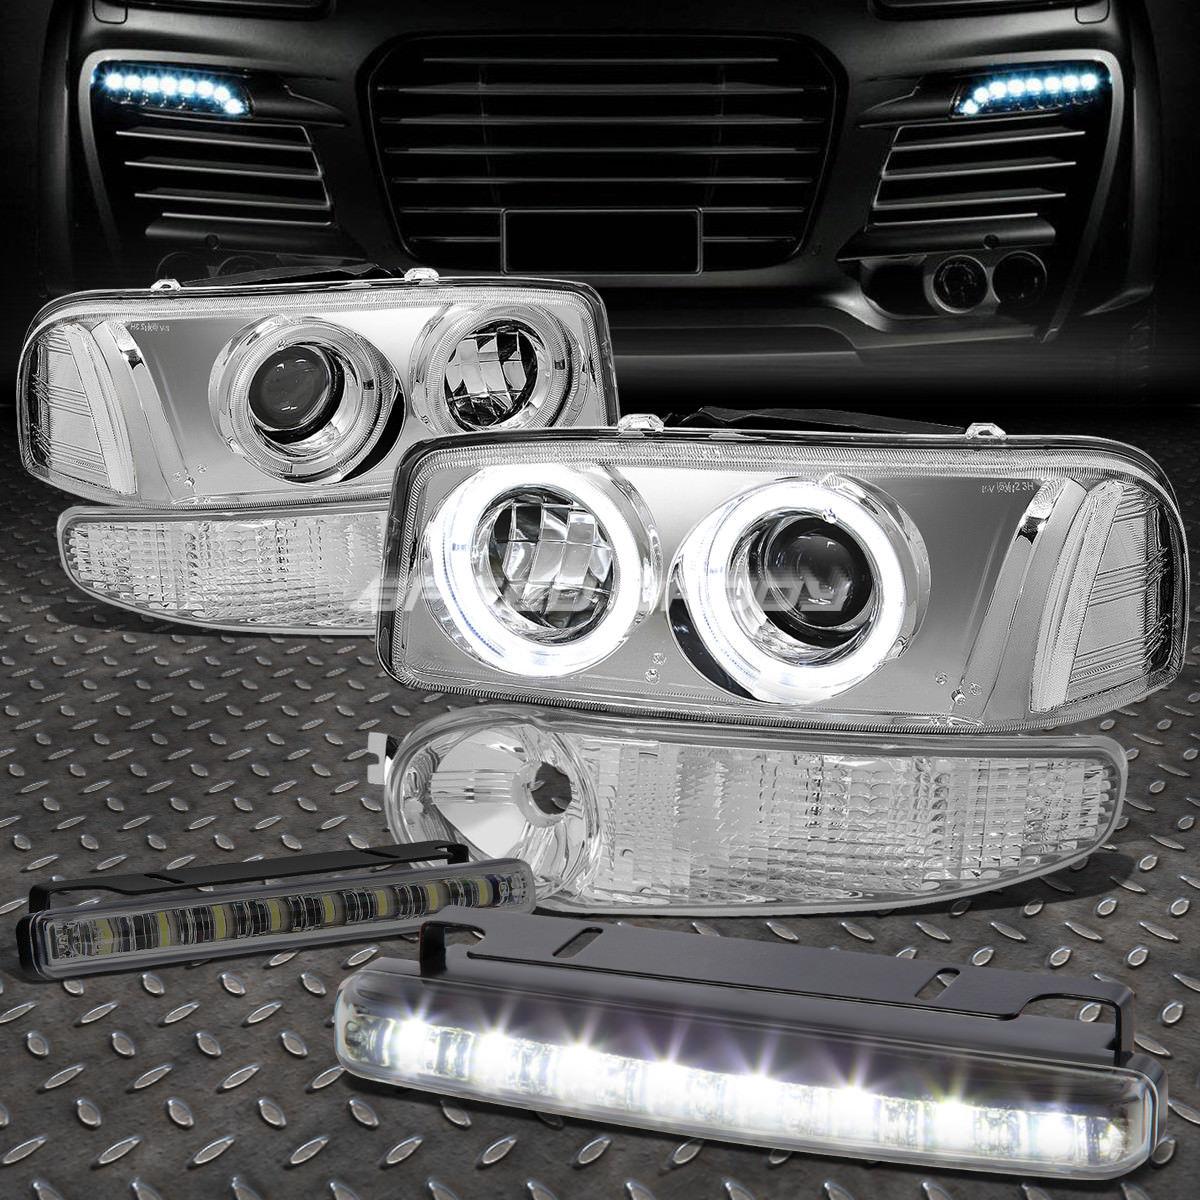 フォグライト CHROME CLEAR PROJECTOR HEADLIGHT+8 LED SMOKE FOG LIGHT FOR 00-07 SIERRA/YUKON CHROME CLEAR PROJECTOR HEADLIGHT + 00 - SIERRA / YUKONのための8 LED SMOKE FOGライト